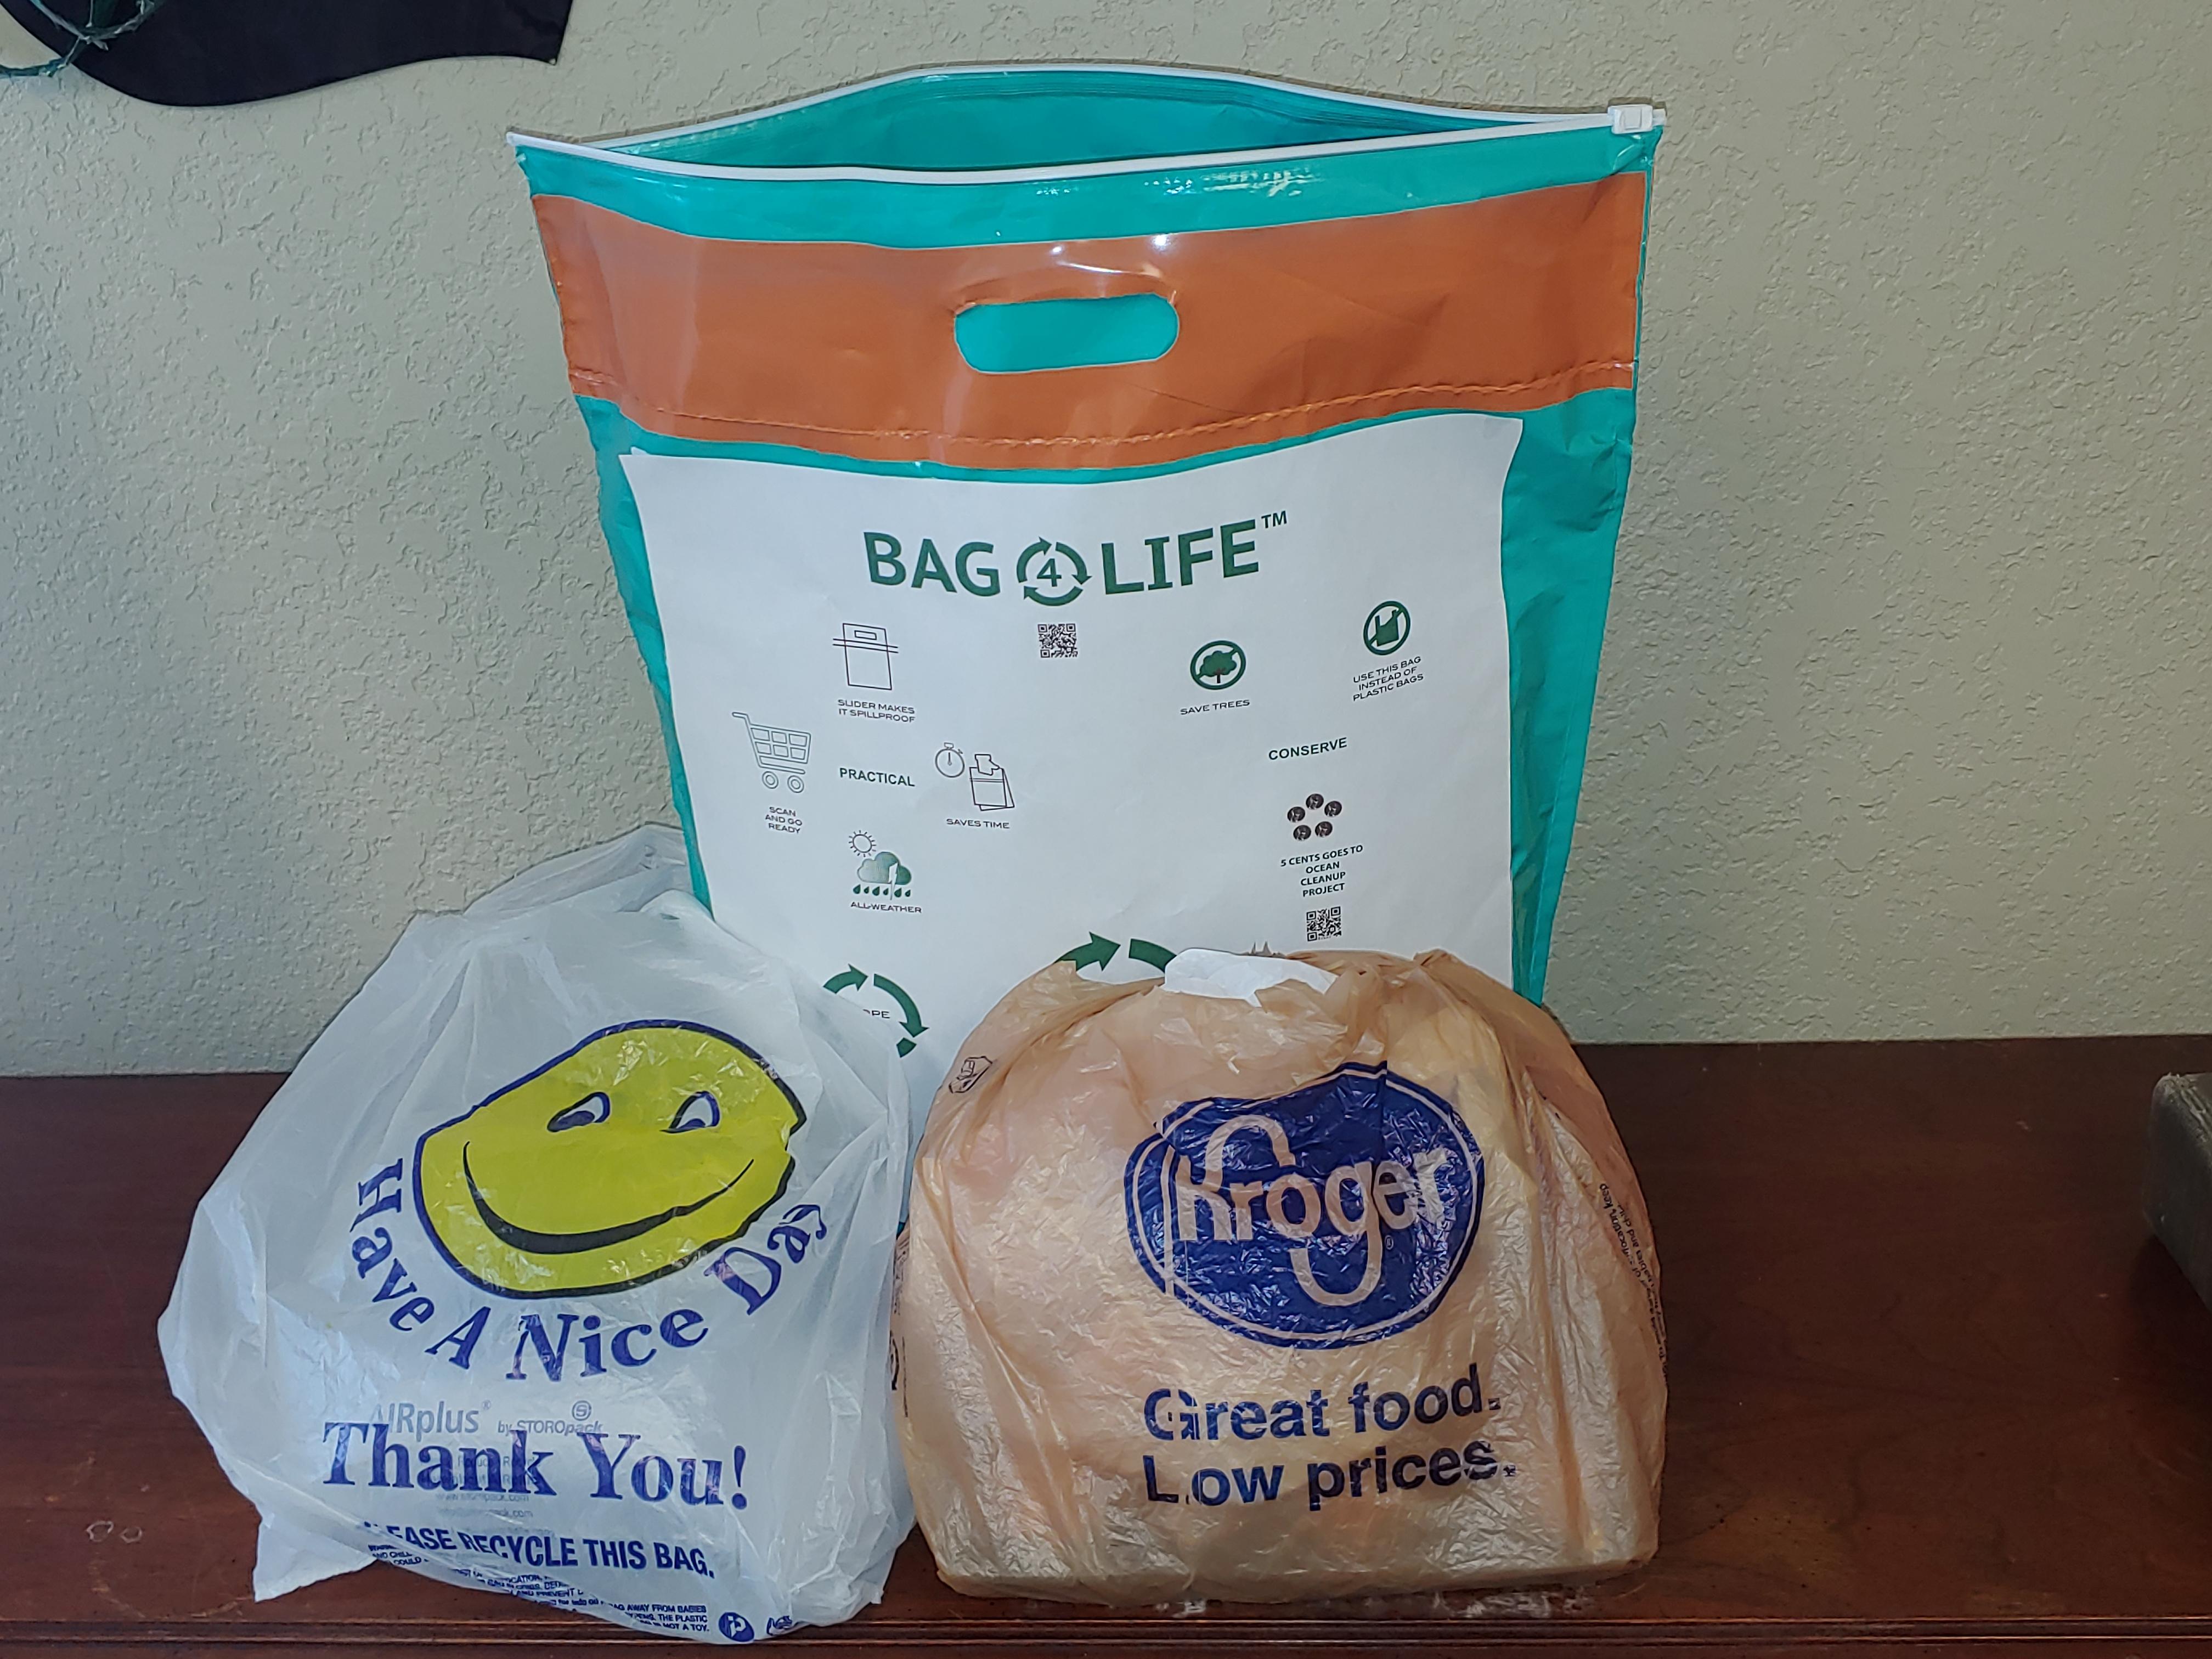 Bag 4 Life